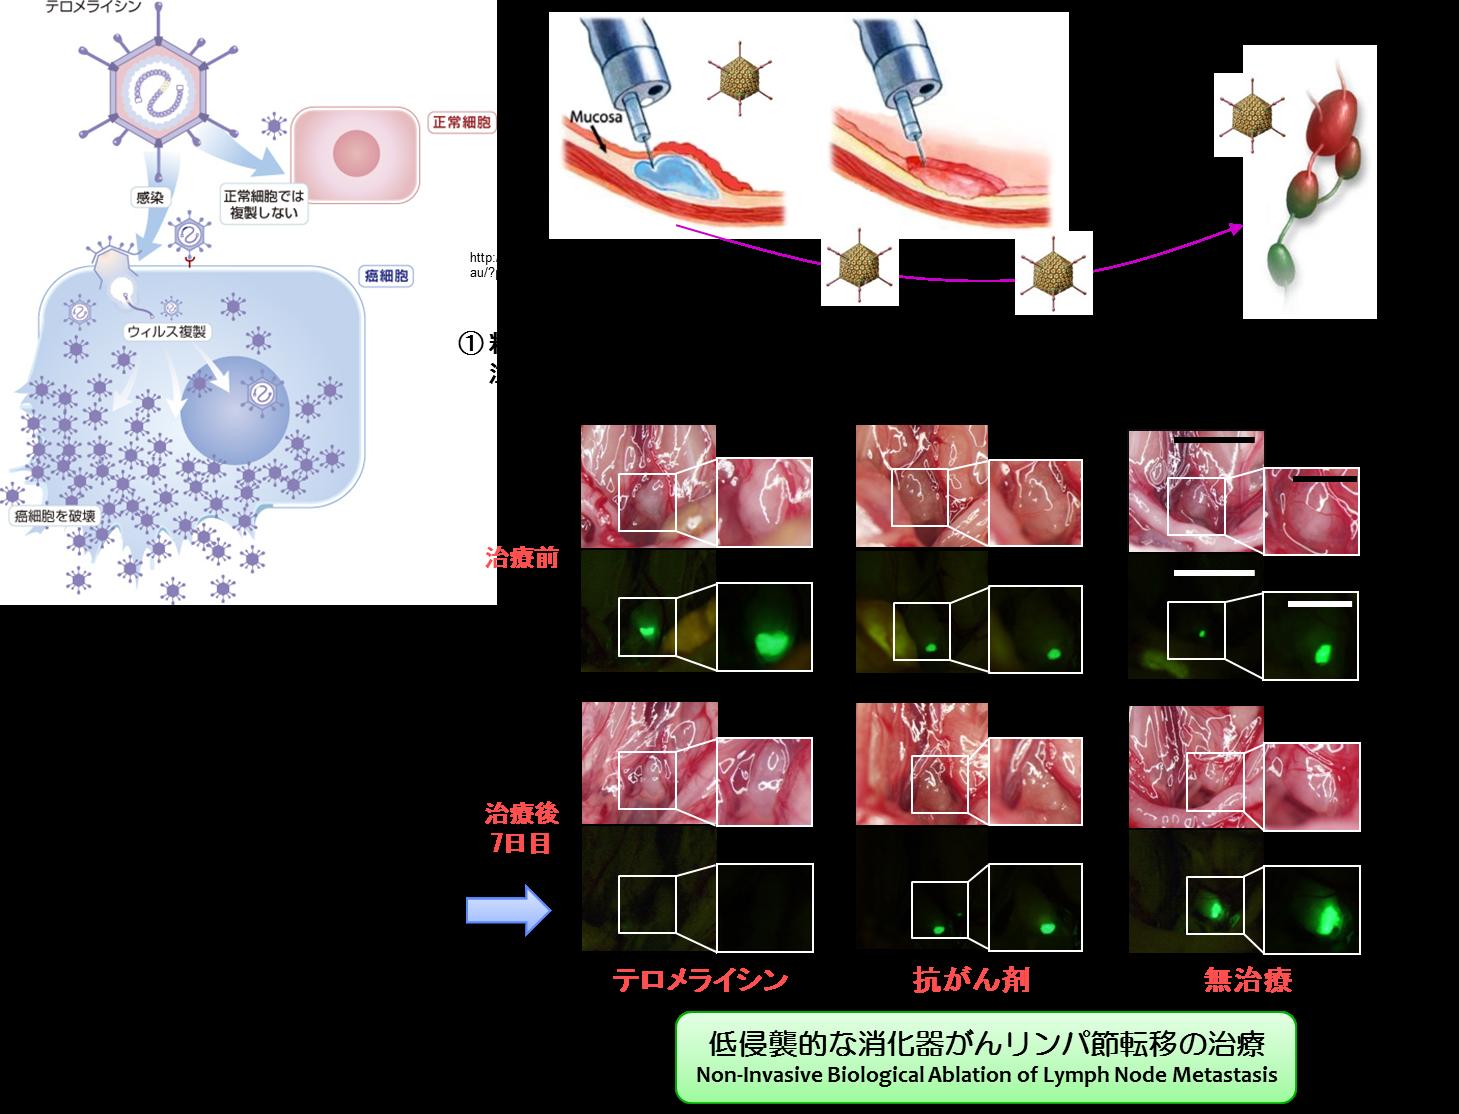 図:低侵襲的な消化器がんリンパ節転移の治療